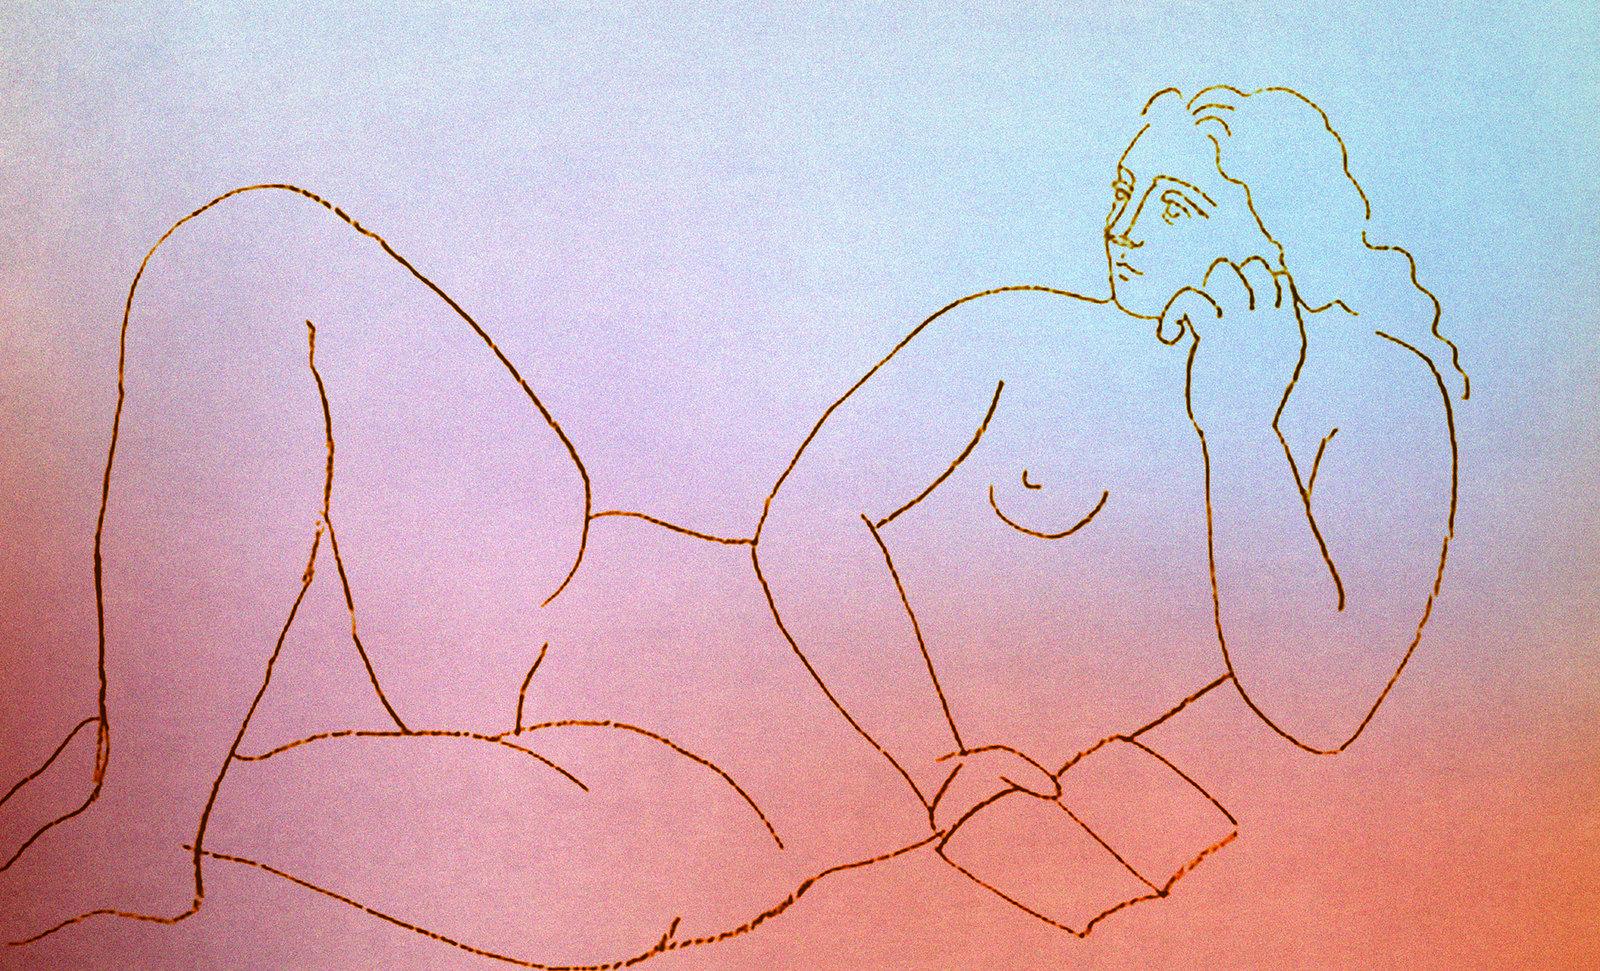 067Pablo Picasso